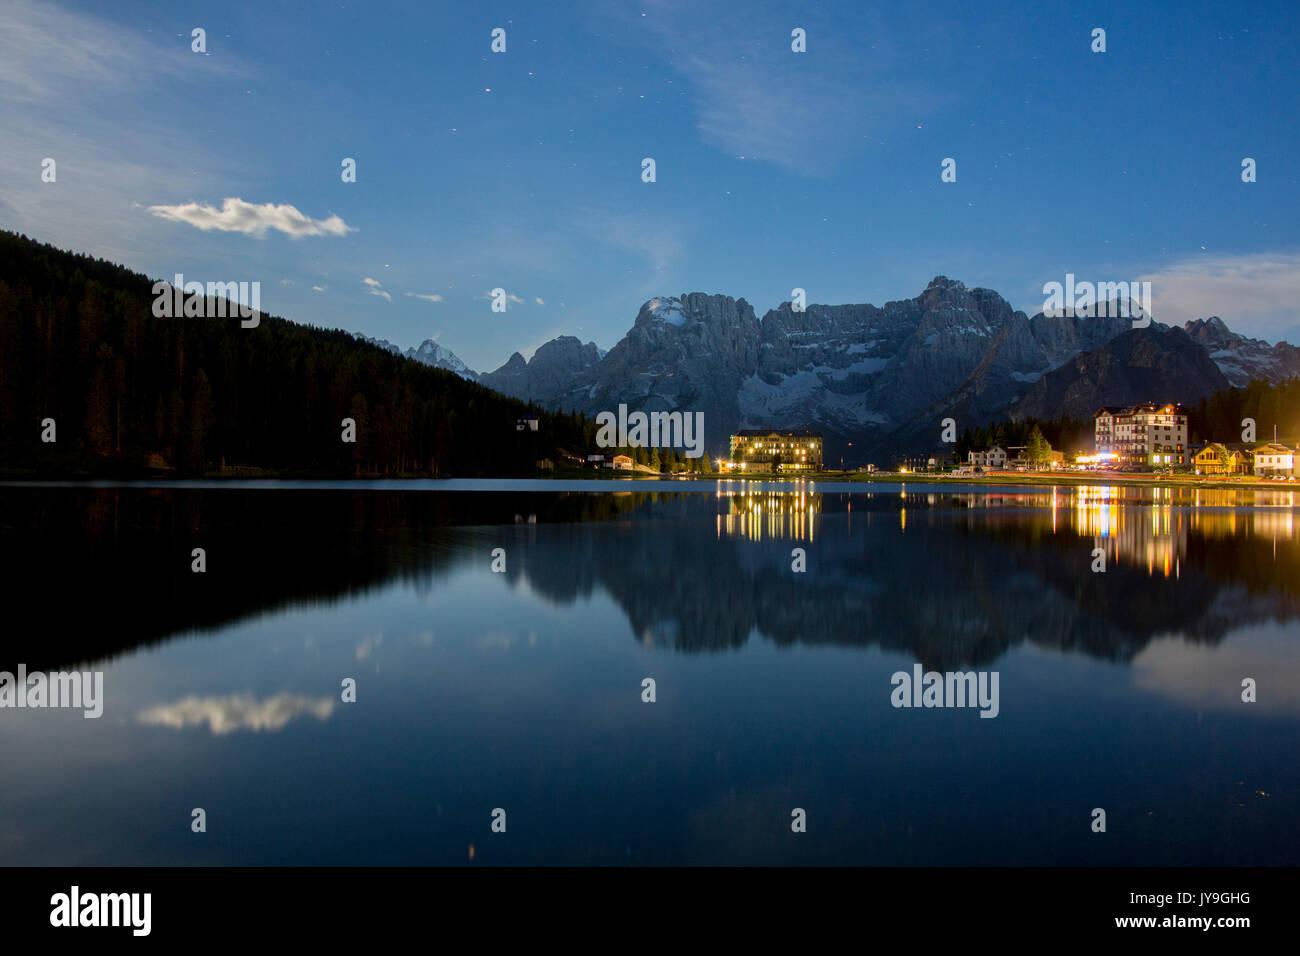 Starry sky during a full moon night in Misurina. Cortina d'Ampezzo. Dolomites. Veneto. Italy. Europe Stock Photo